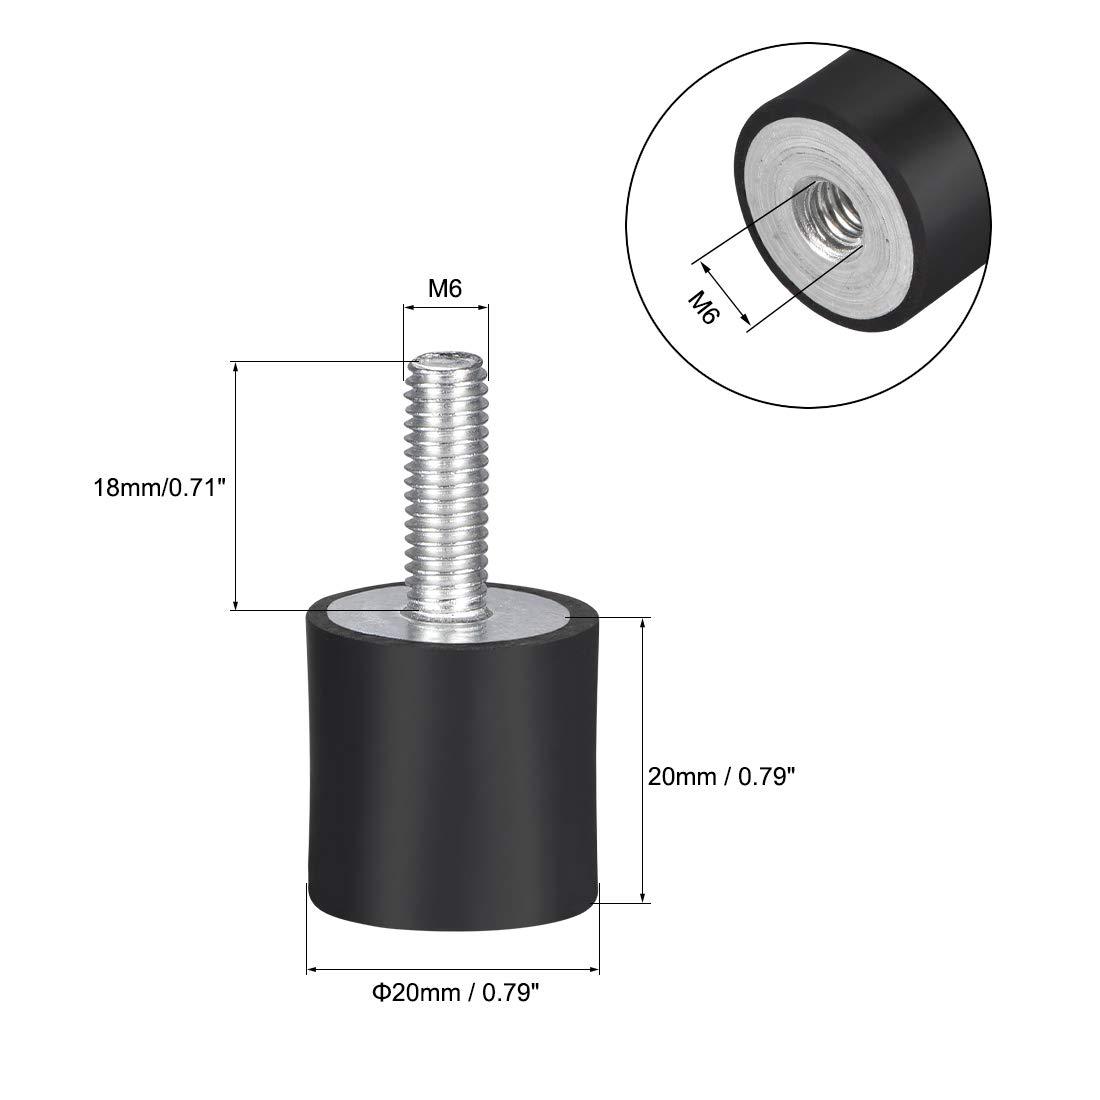 uxcell M8 Lot de 4 supports cylindriques en caoutchouc pour absorber les vibrations et les chocs avec tige filet/ée Diam/ètre 3,8 cm Hauteur 3,8 cm